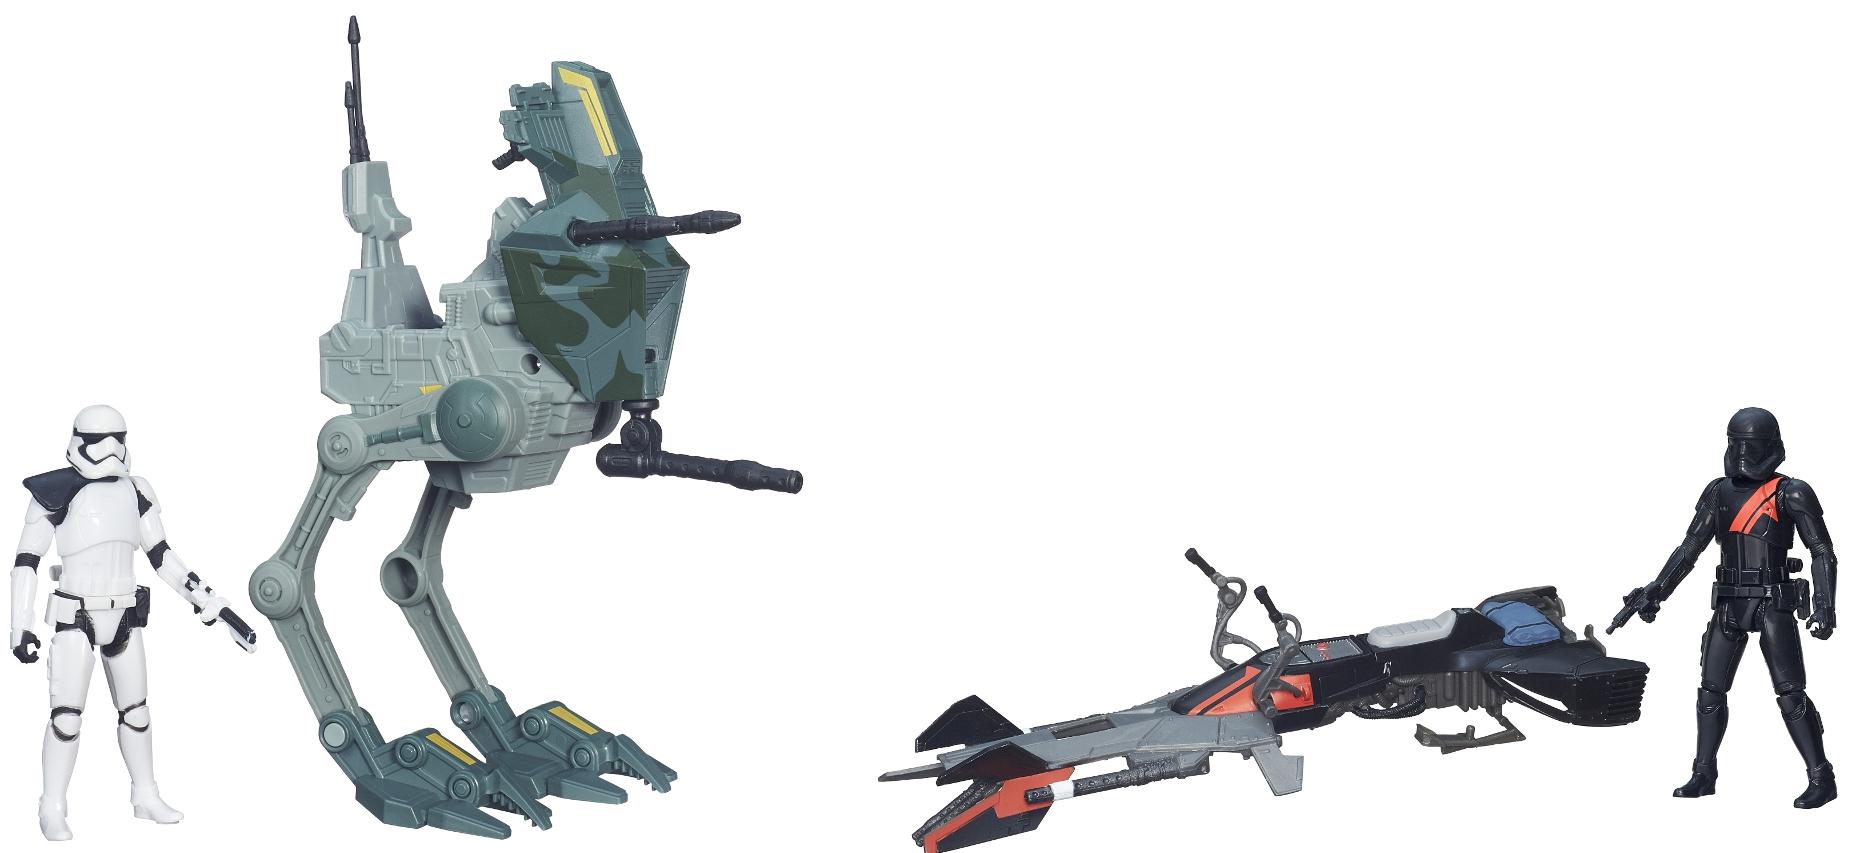 Космический корабль Hasbro Космический корабль Звездных войн 9,5 см Класс I недорго, оригинальная цена